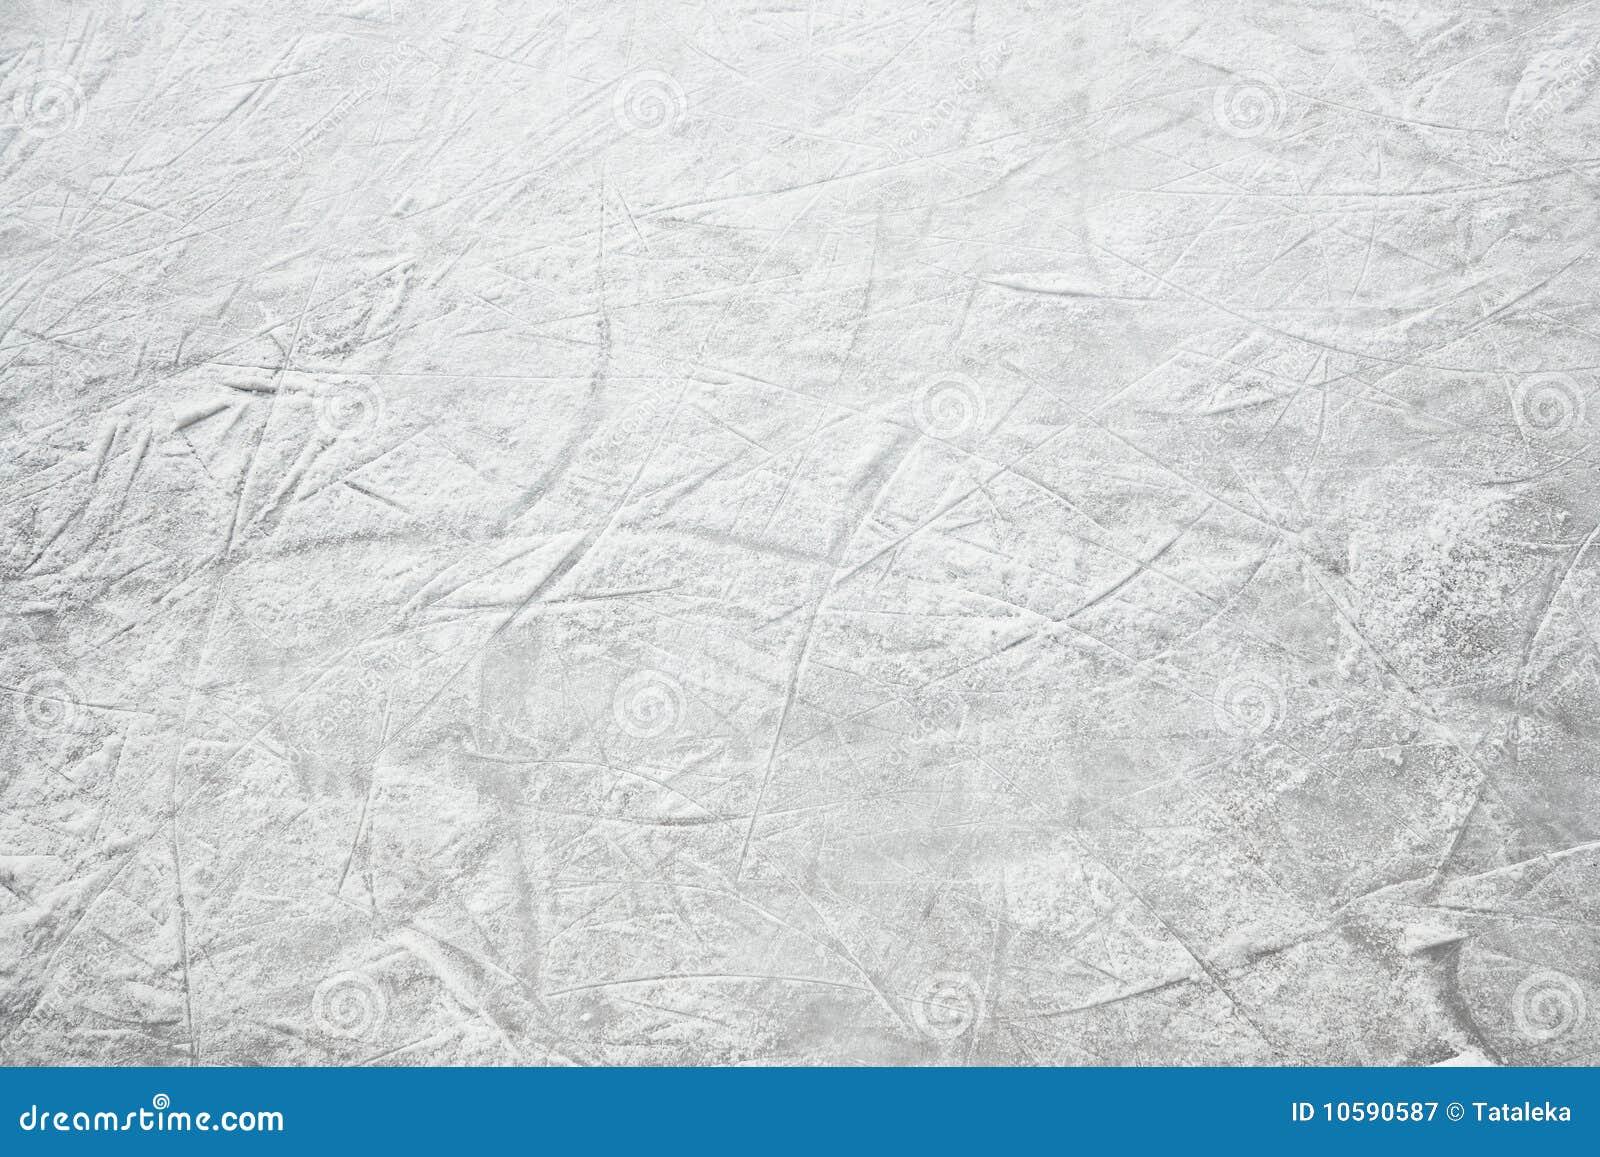 Skating ice